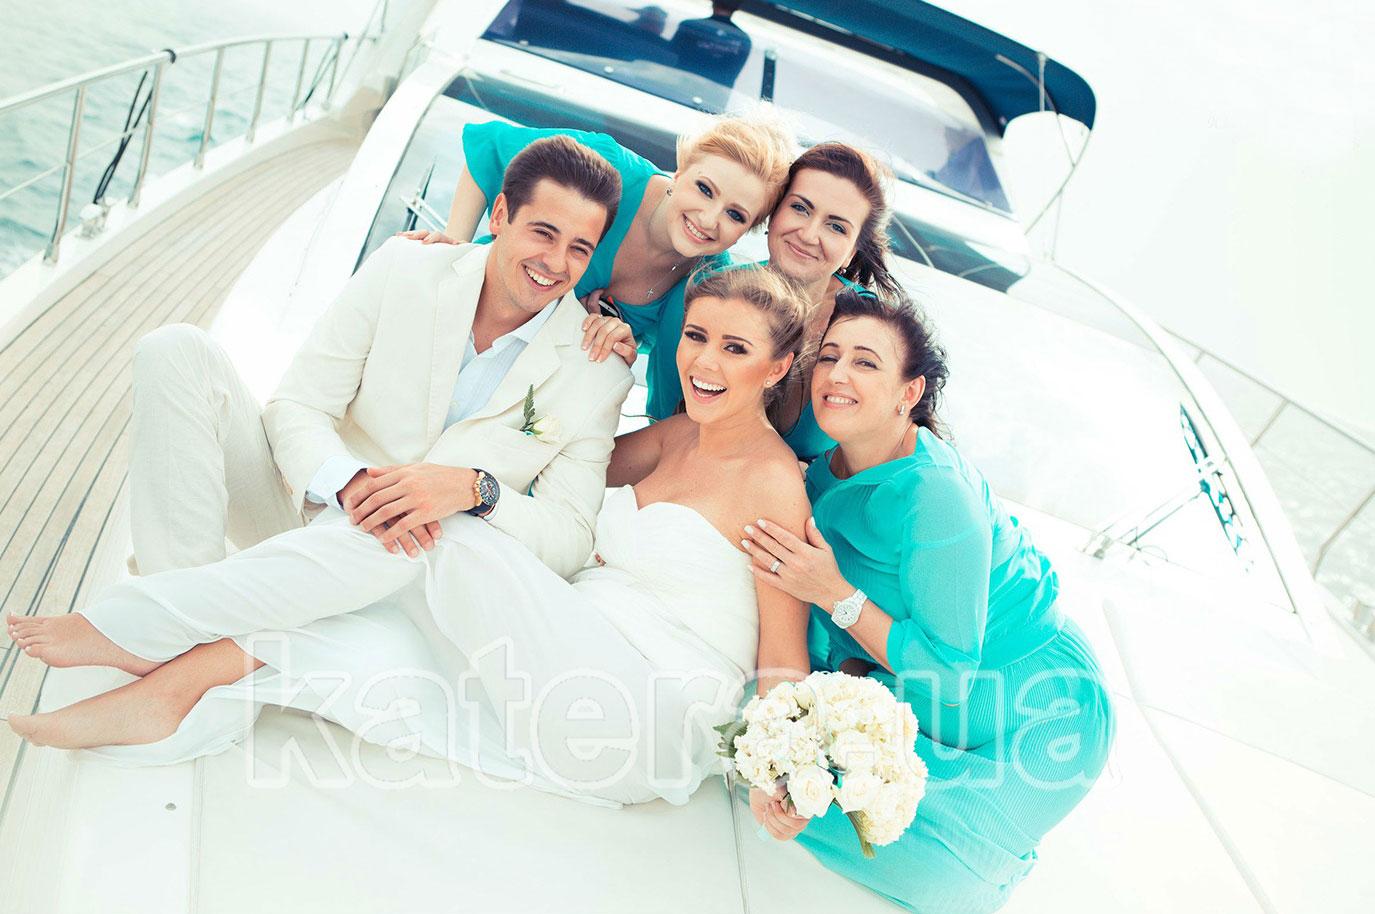 Свадьба на моторной яхте в Киеве